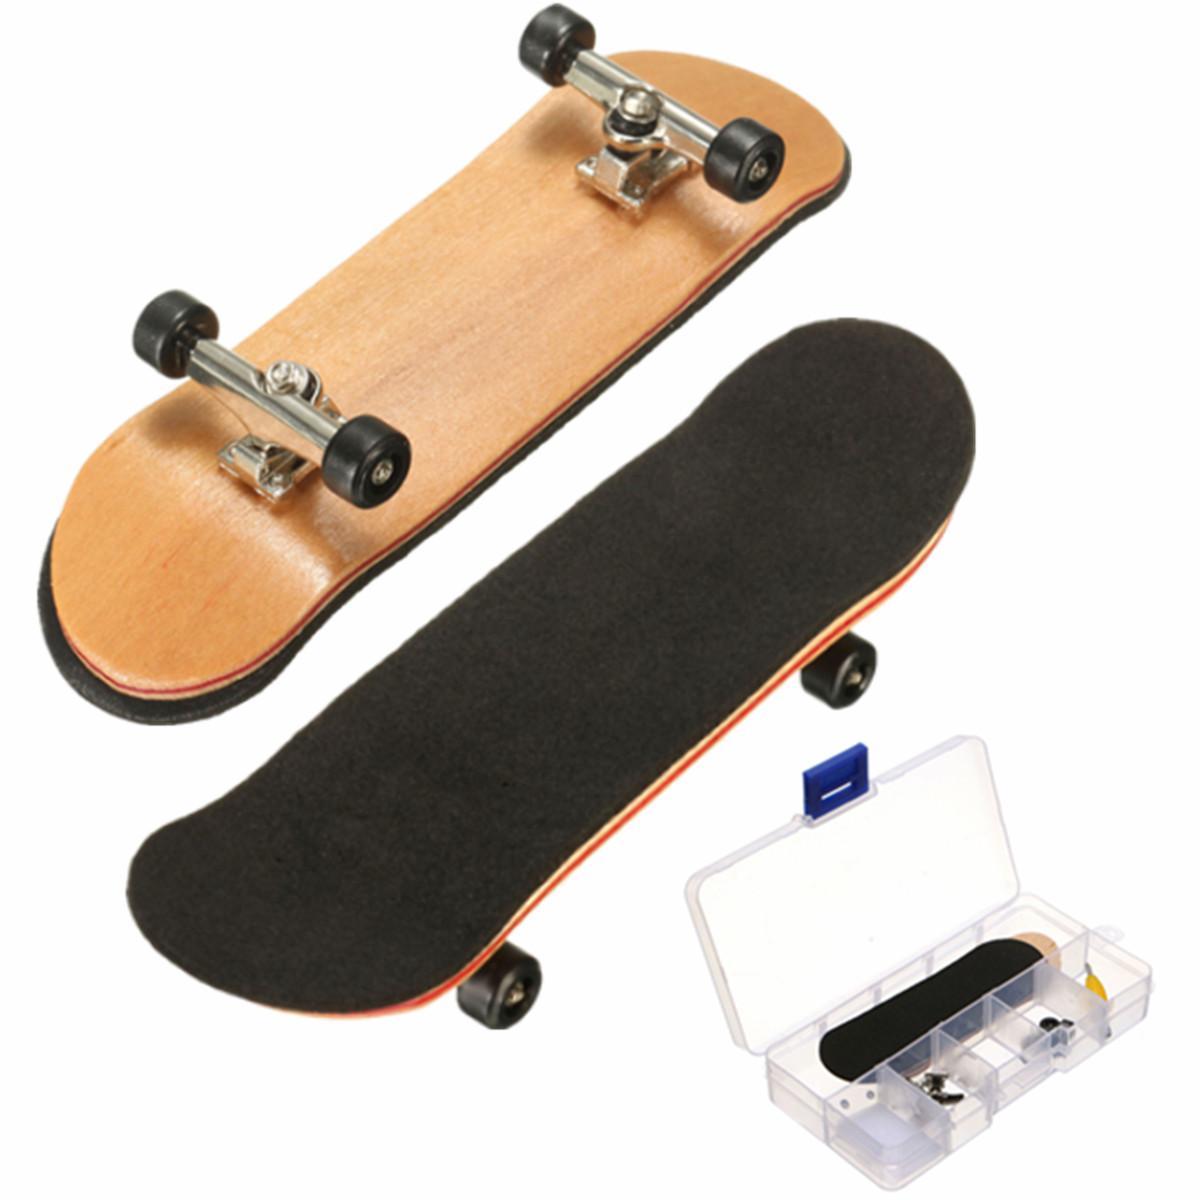 Di legno Mini Tastiera Finger Skate Board Acero di Legno Set di Giocattoli Per B